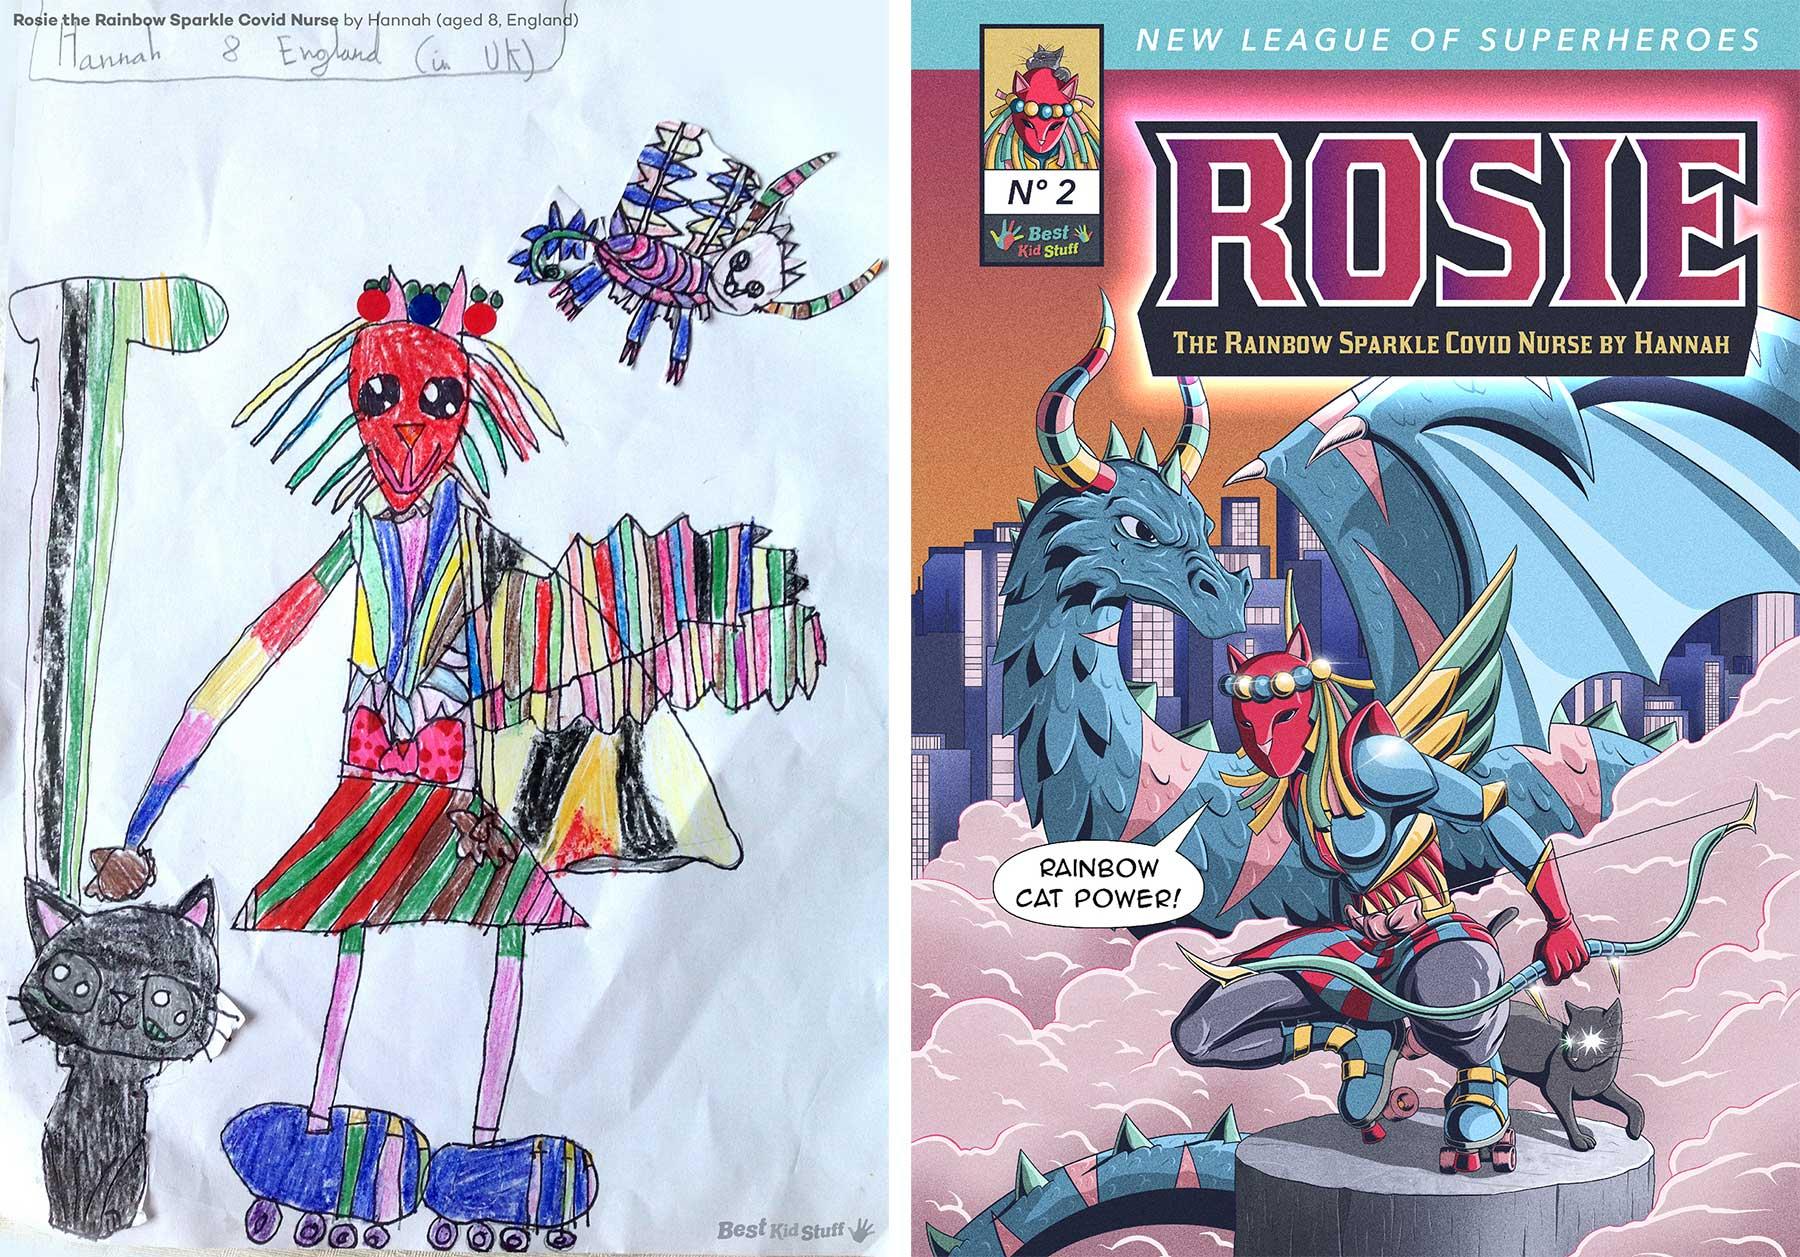 Künstler illustrieren Comic-Cover aus Kinderzeichungen von Superhelden Kinder-malen-Superhelden-profis-illustrieren-comic-cover_02